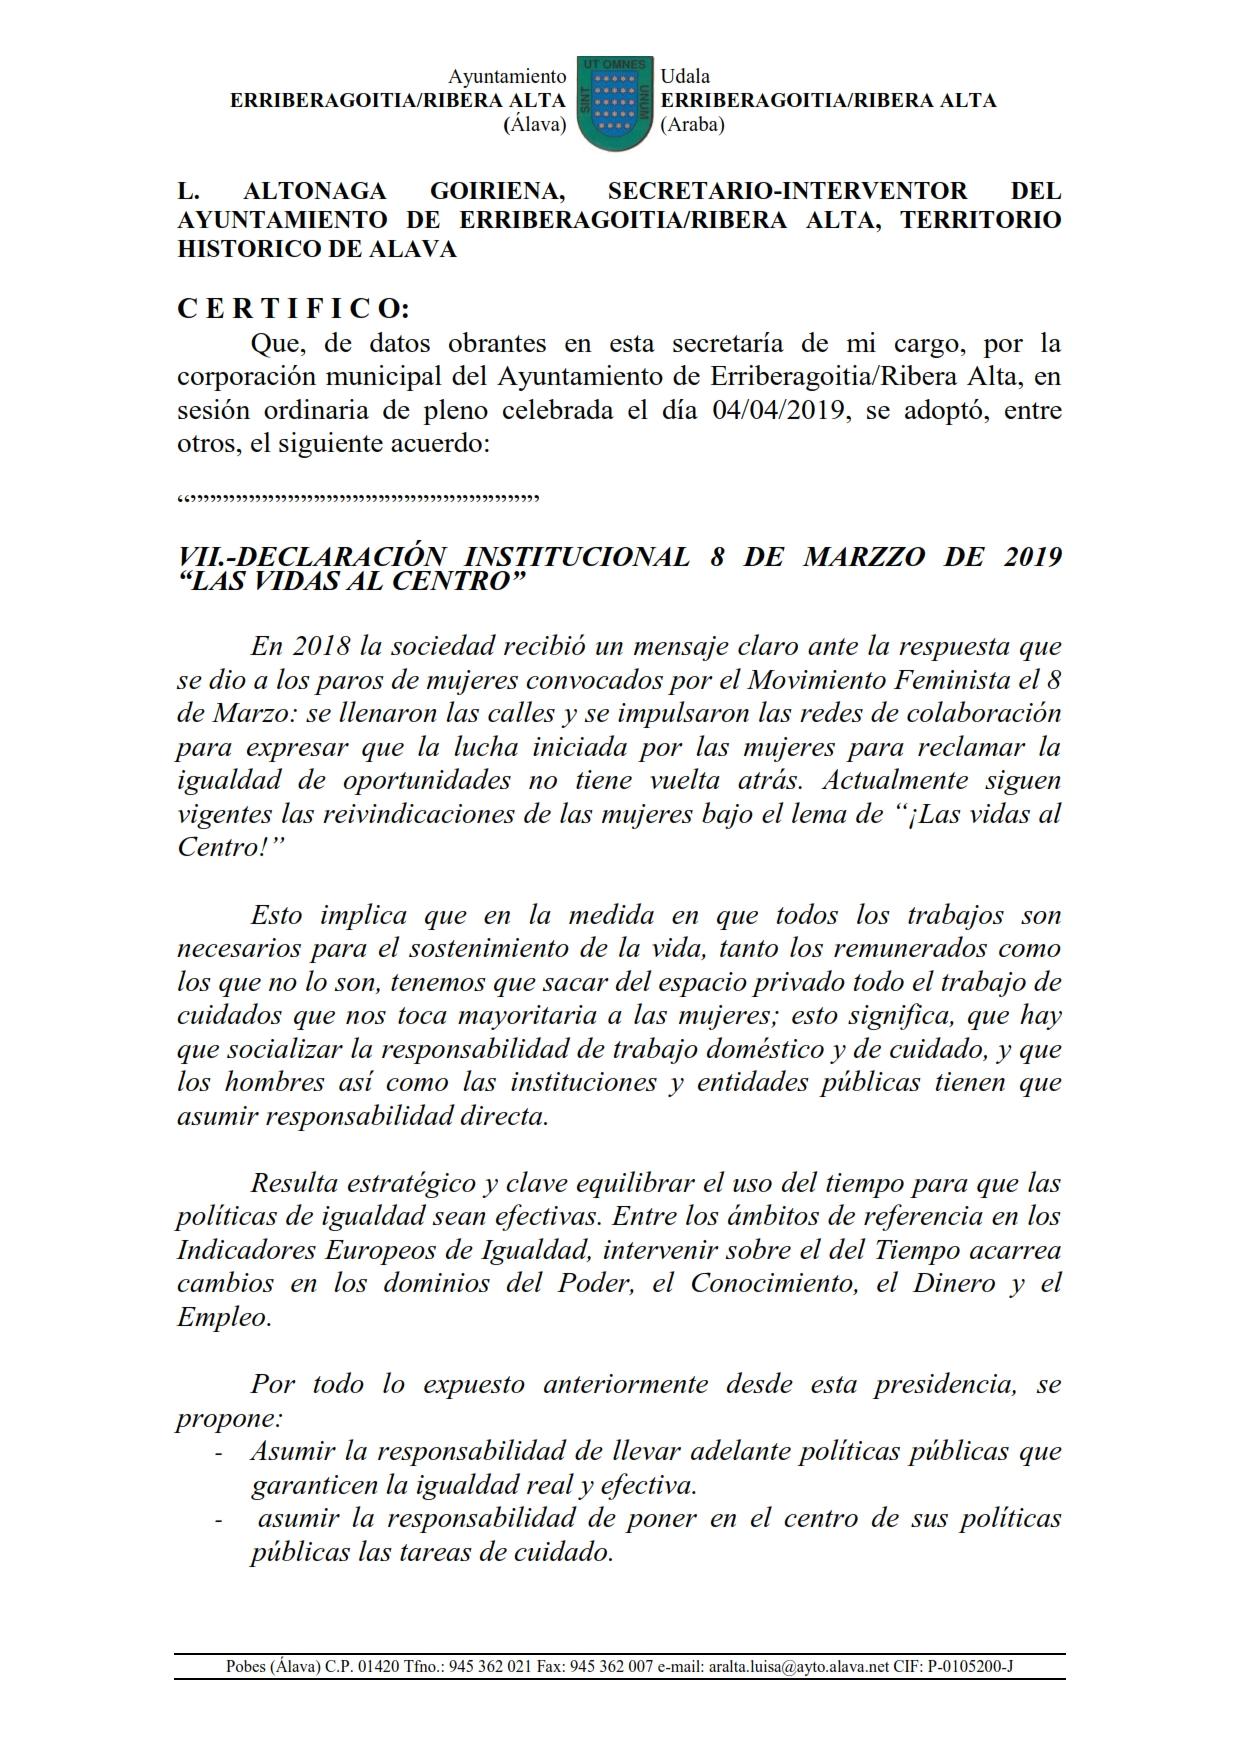 """VII.-DECLARACIÓN INSTITUCIONAL 8 DE MARZO DE 2019  """"LAS VIDAS AL CENTRO"""""""